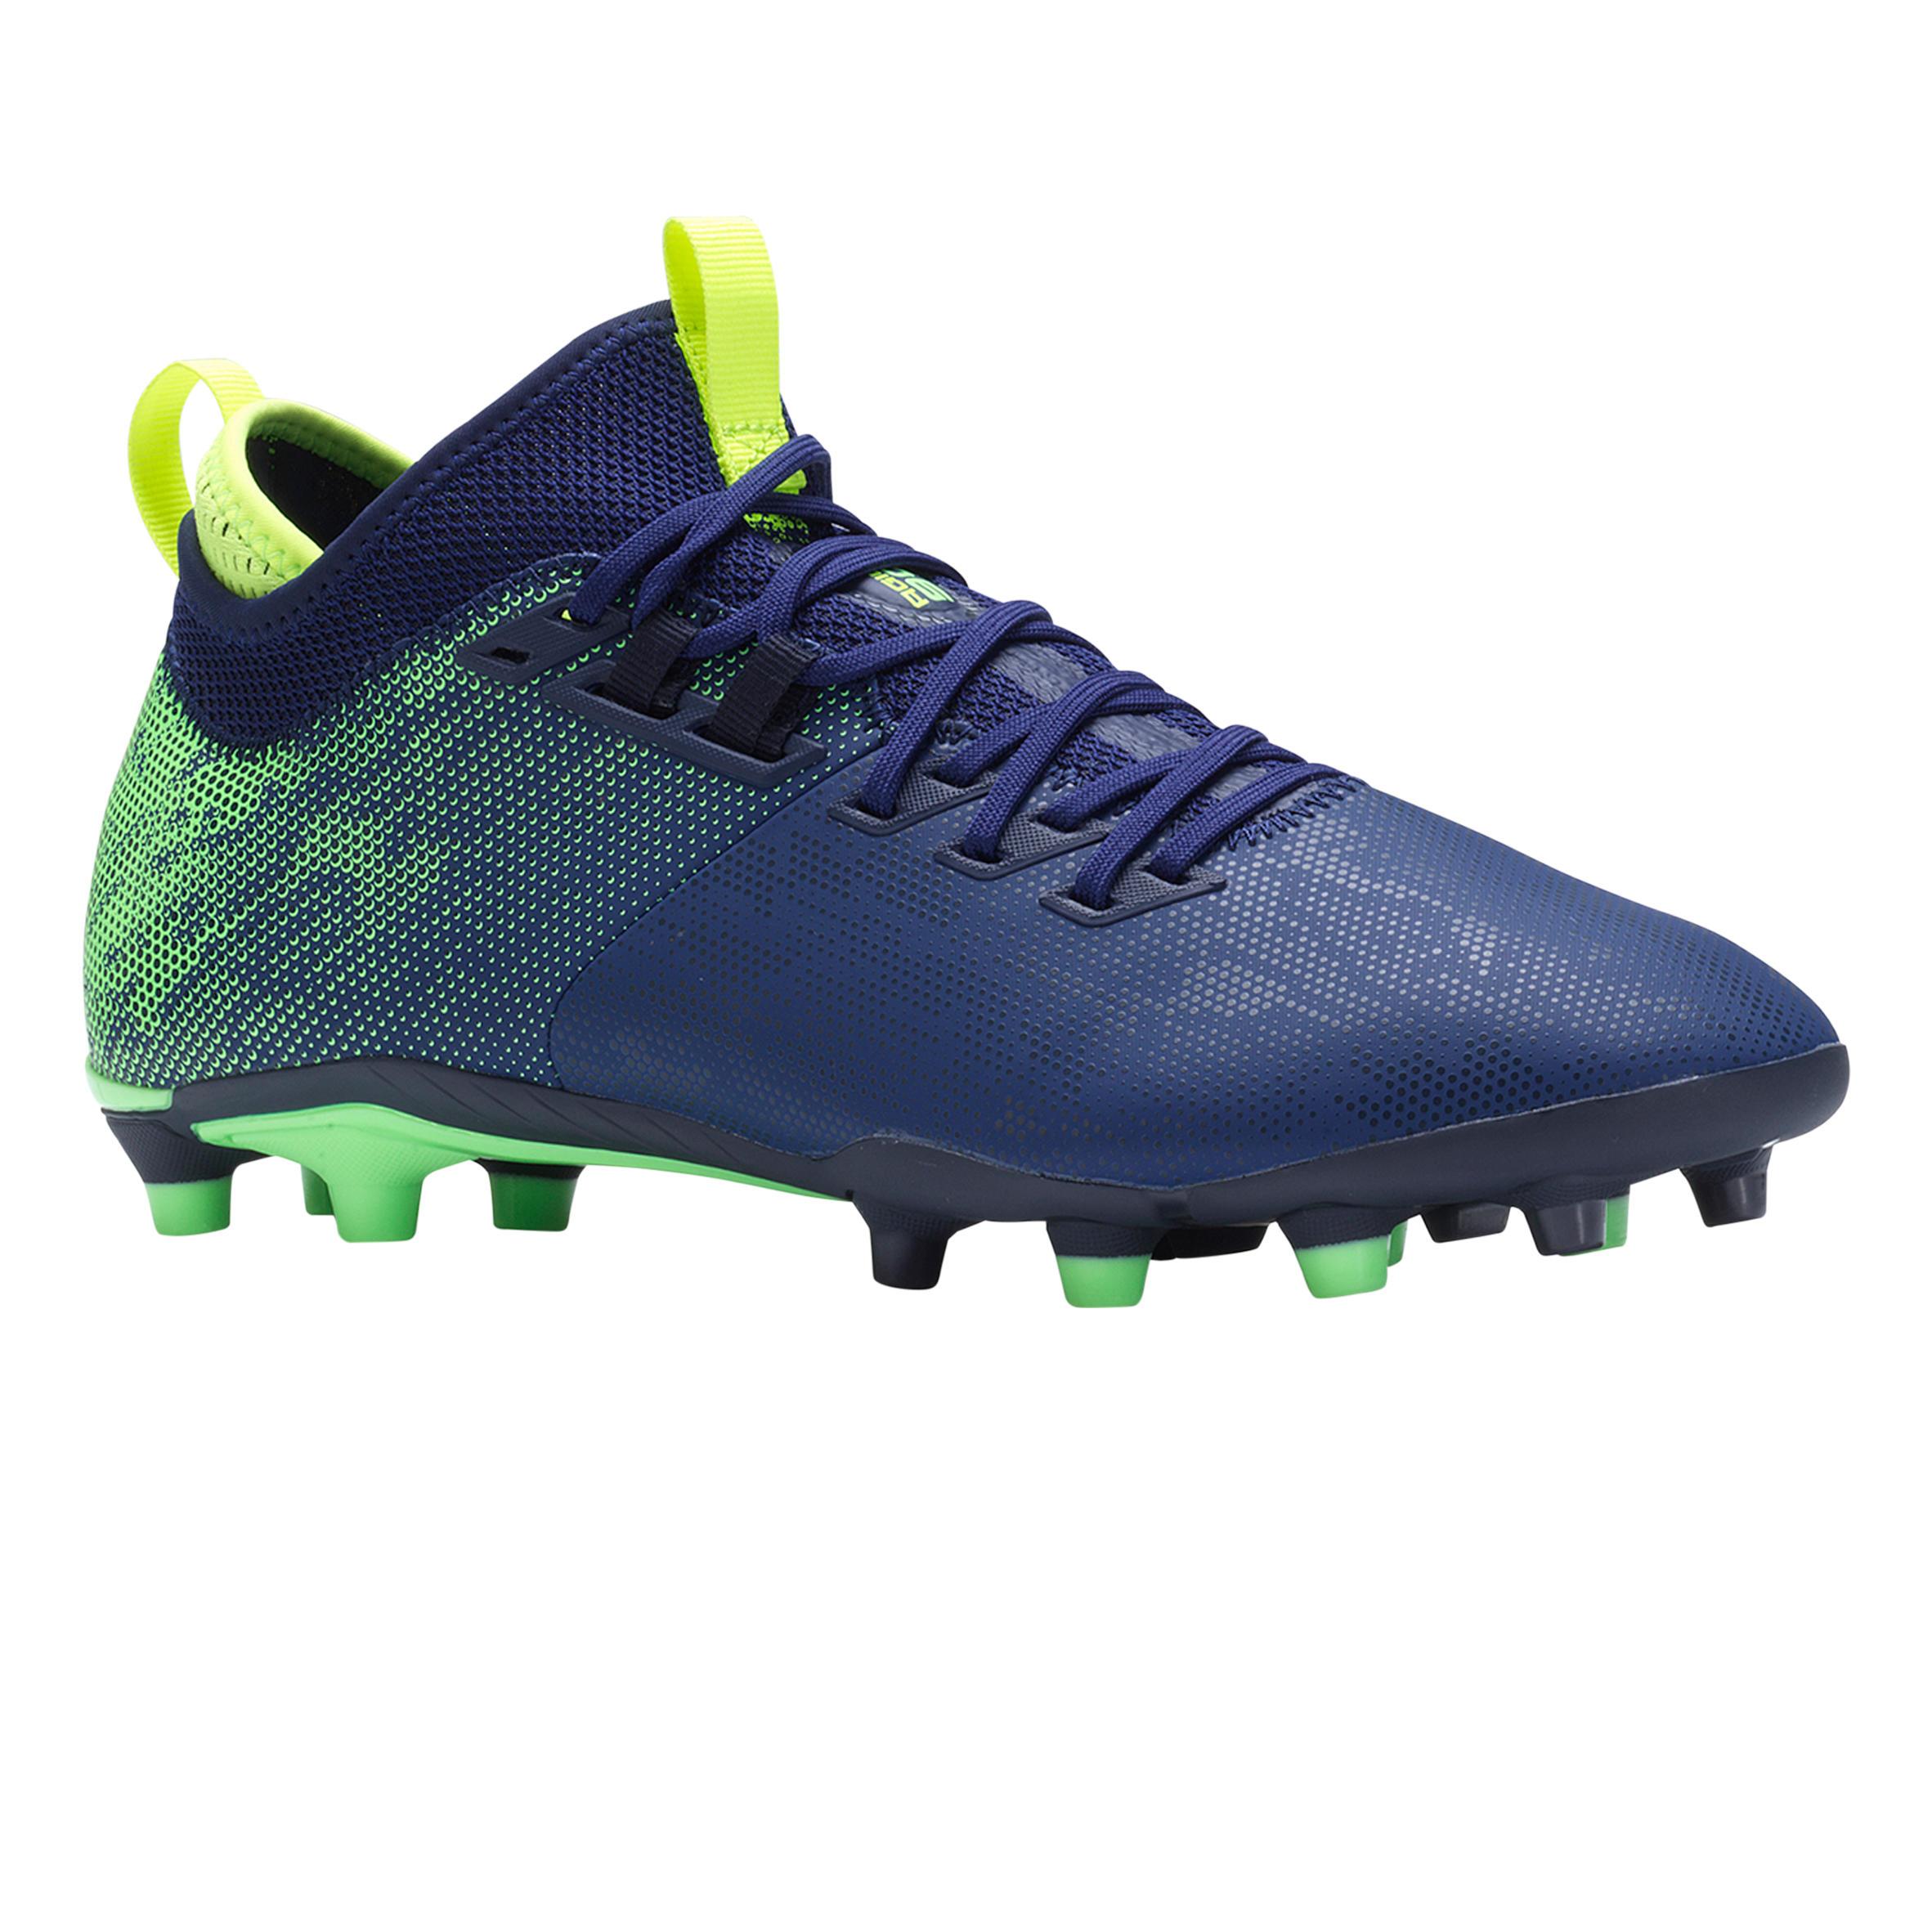 meilleure valeur Royaume-Uni quantité limitée Chaussures de Football pas cher: Kipsta, Nike, Adidas, Puma ...